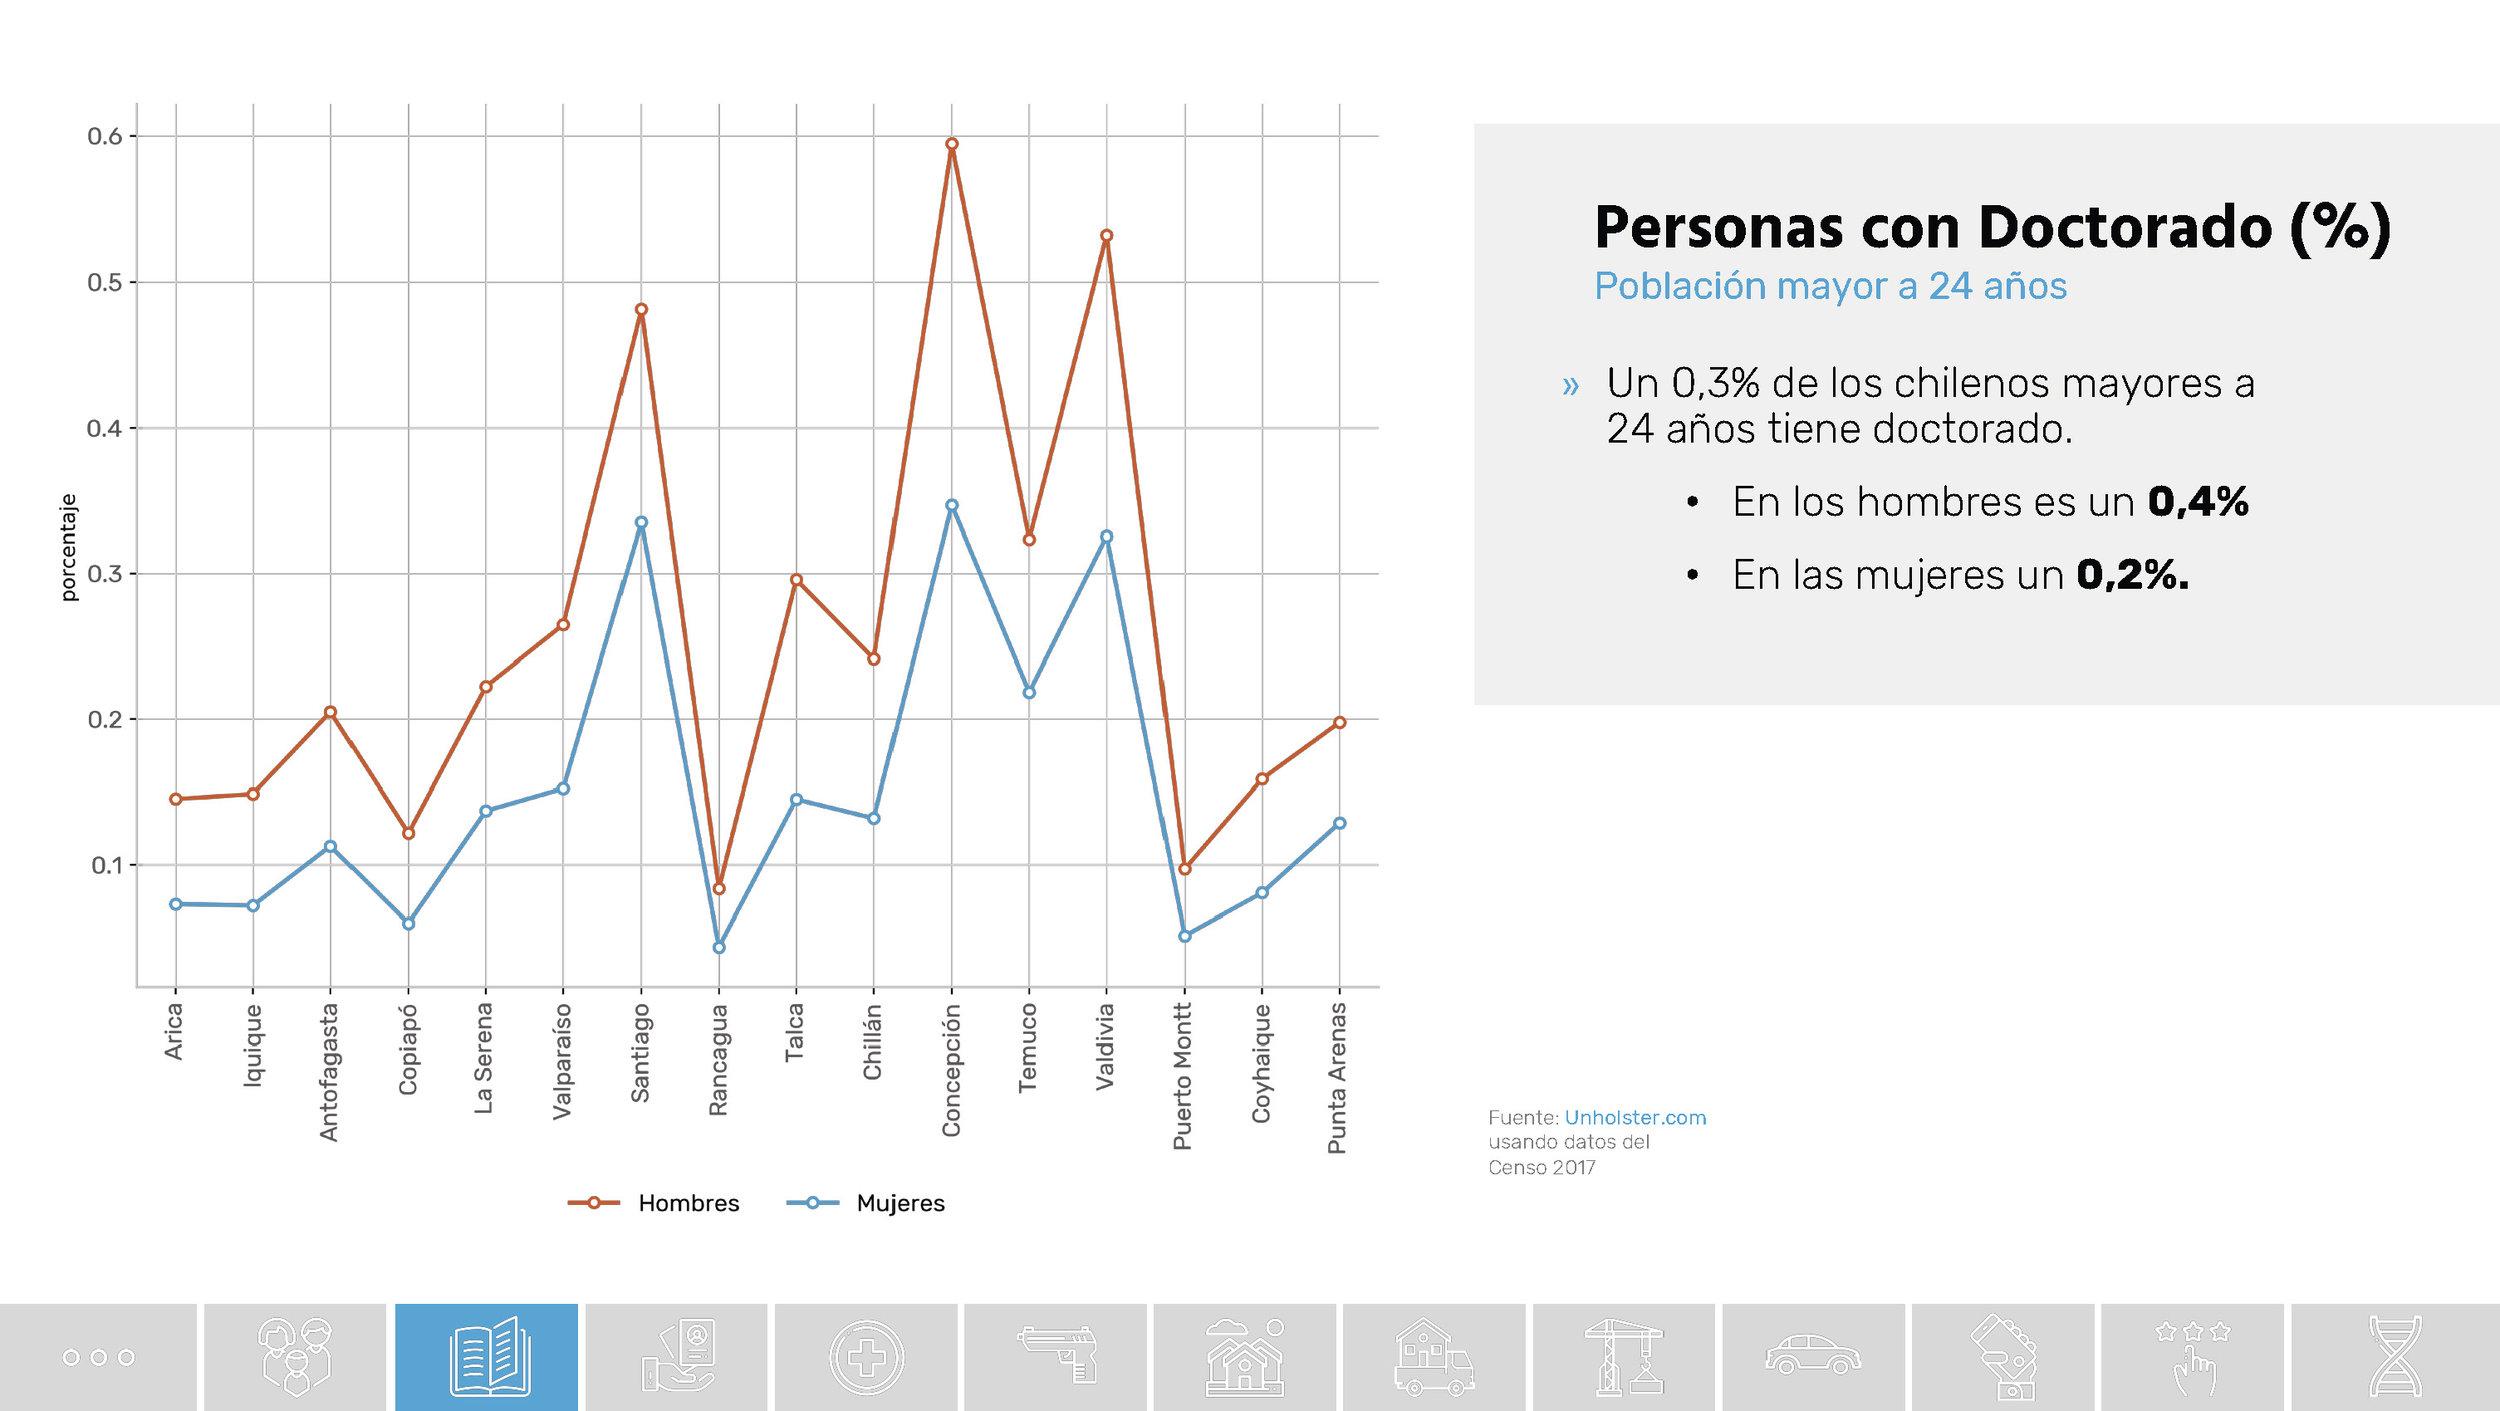 Chile_Datos de una transformacion social_Unholster_Página_23.jpg